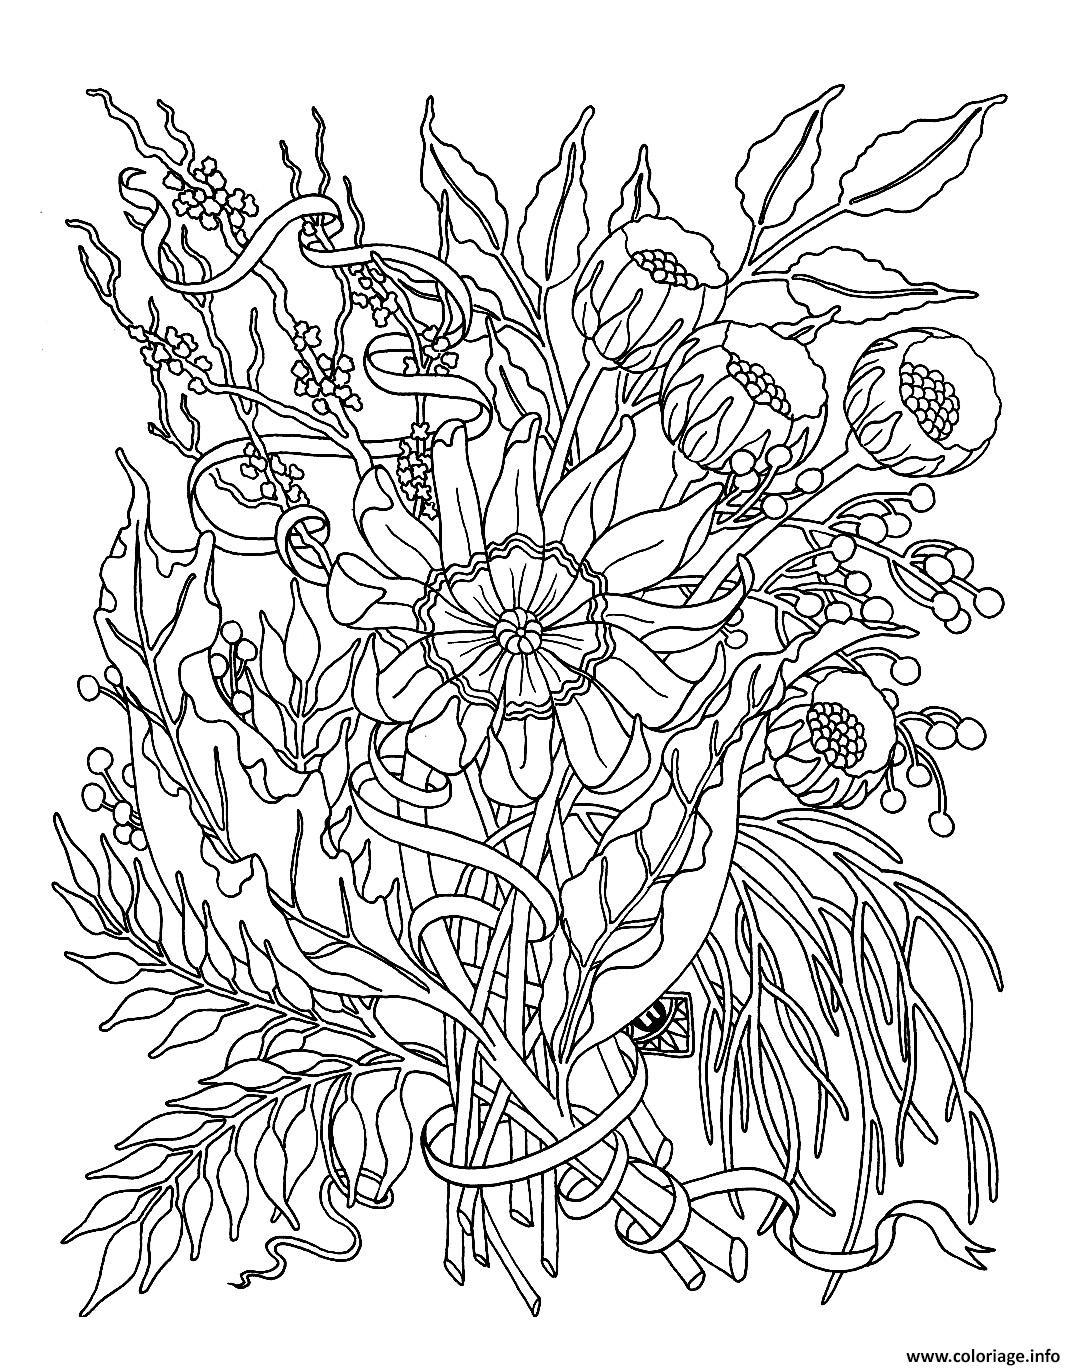 Coloriage Fleurs Exotiques Realistes Dessin à Dessin A Colorier De Fleur